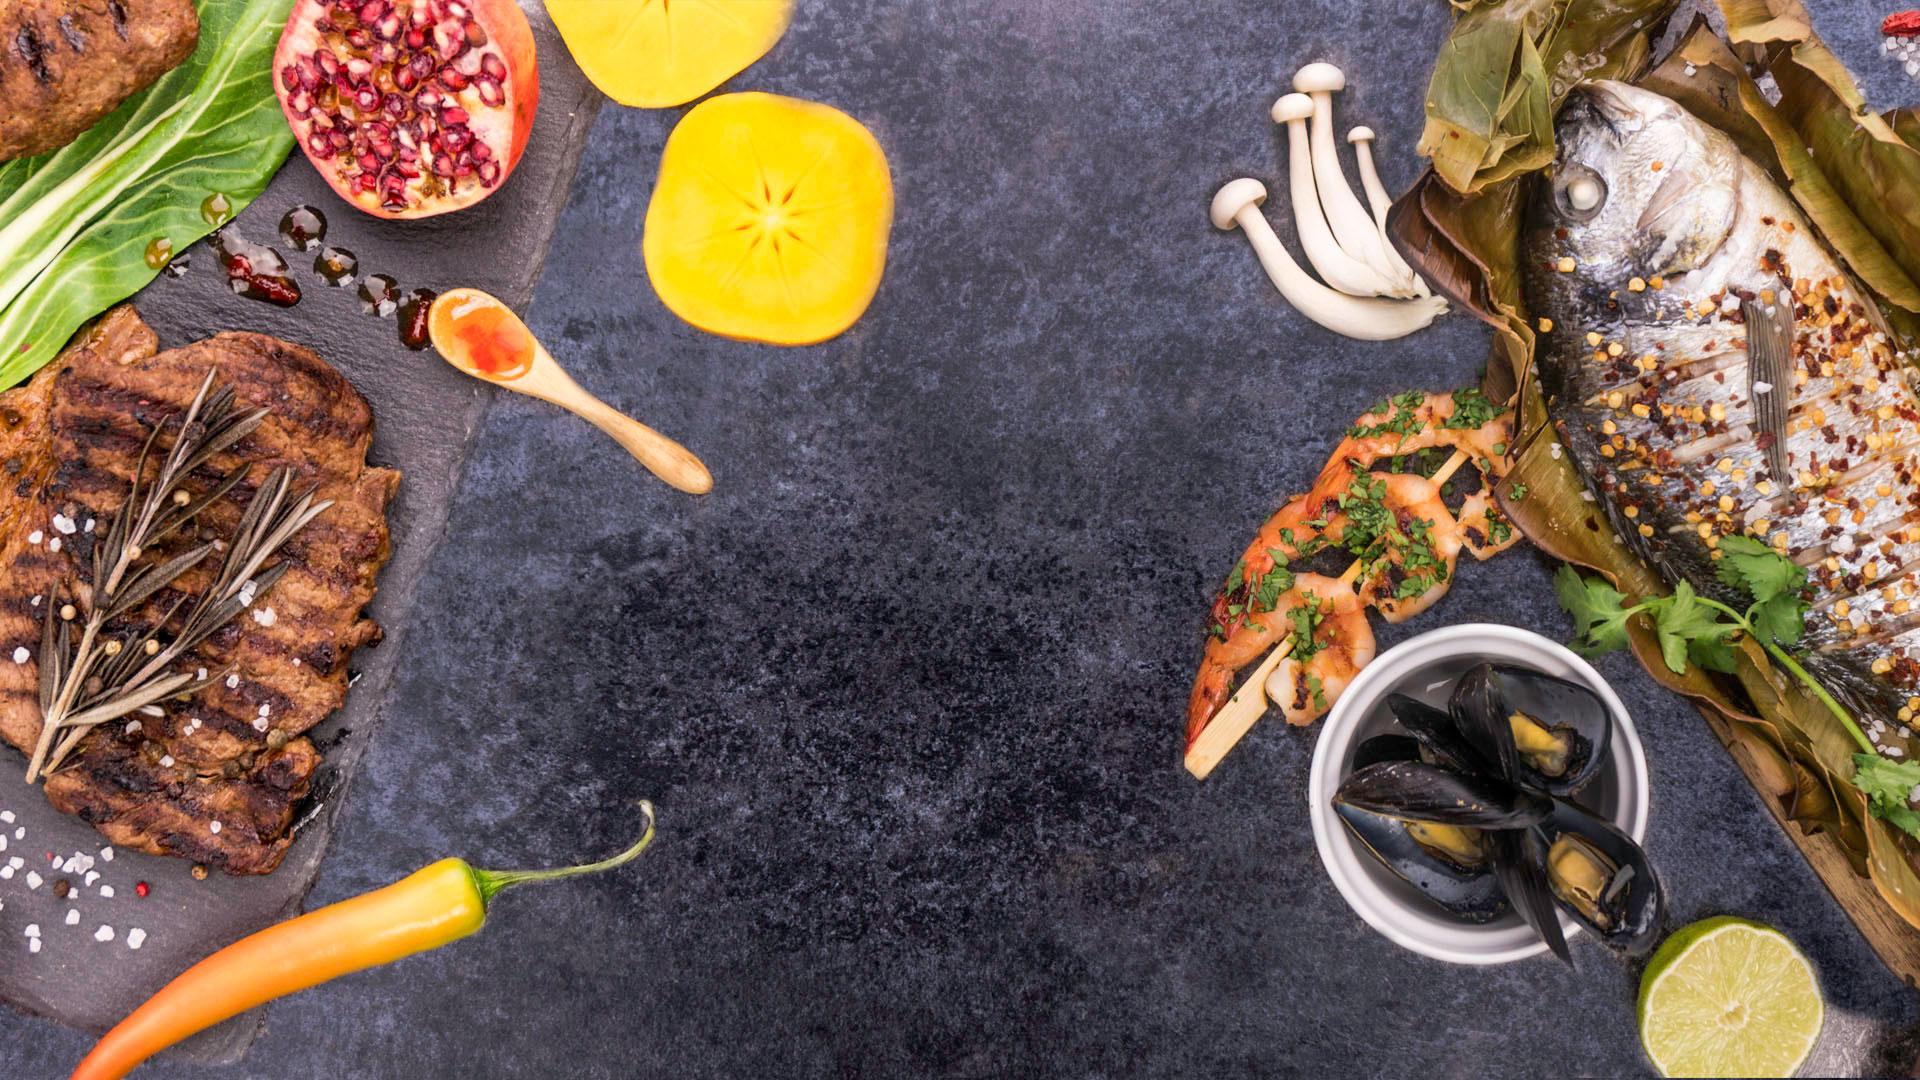 dorada-grillowana-w-lisciu-bananowca-stek-i-malze